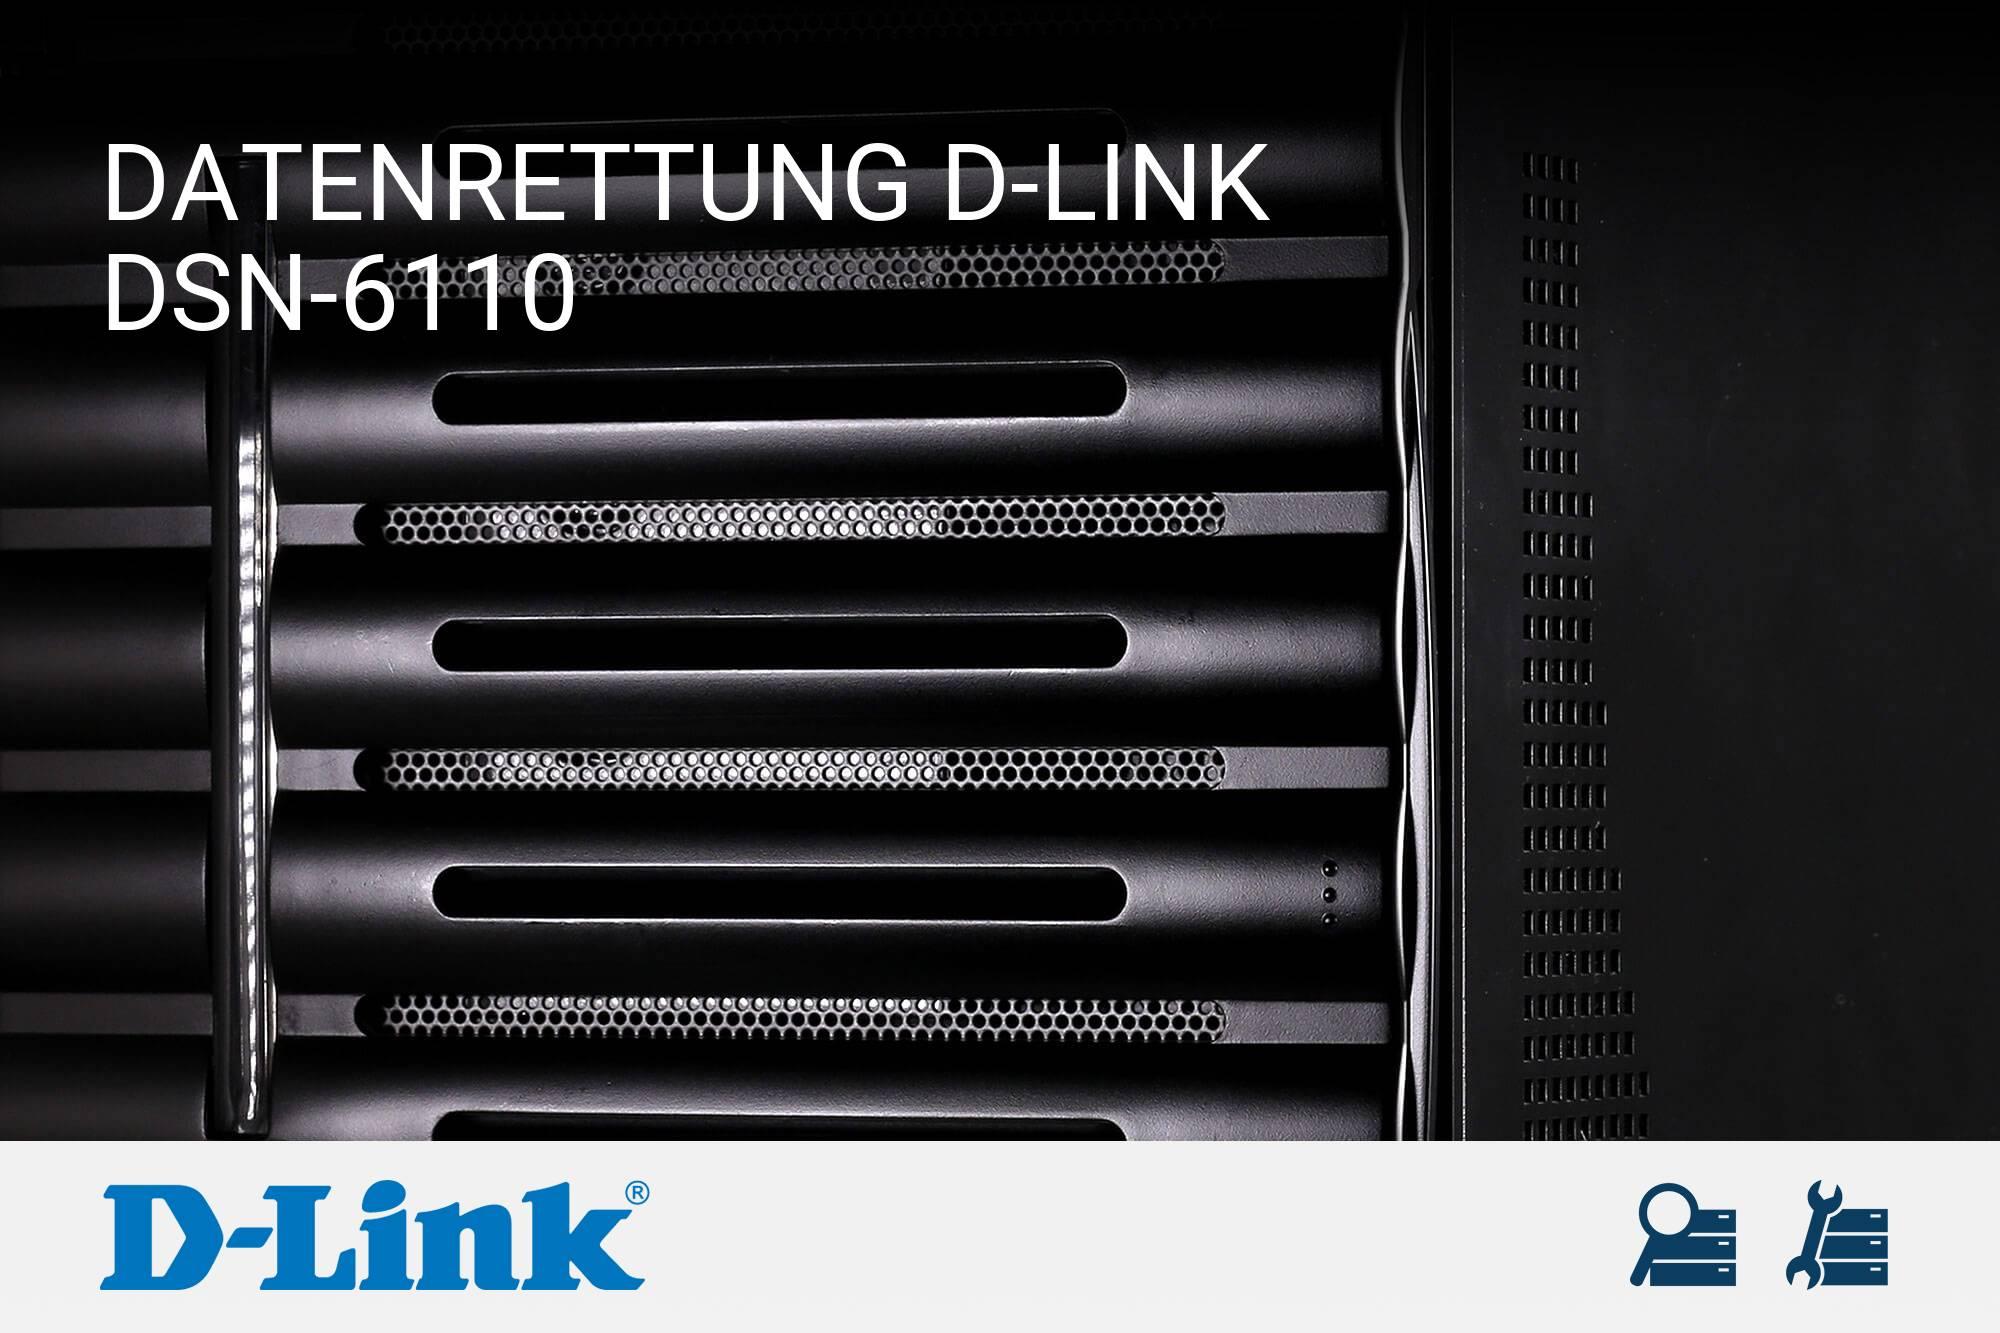 D-Link DSN-6110